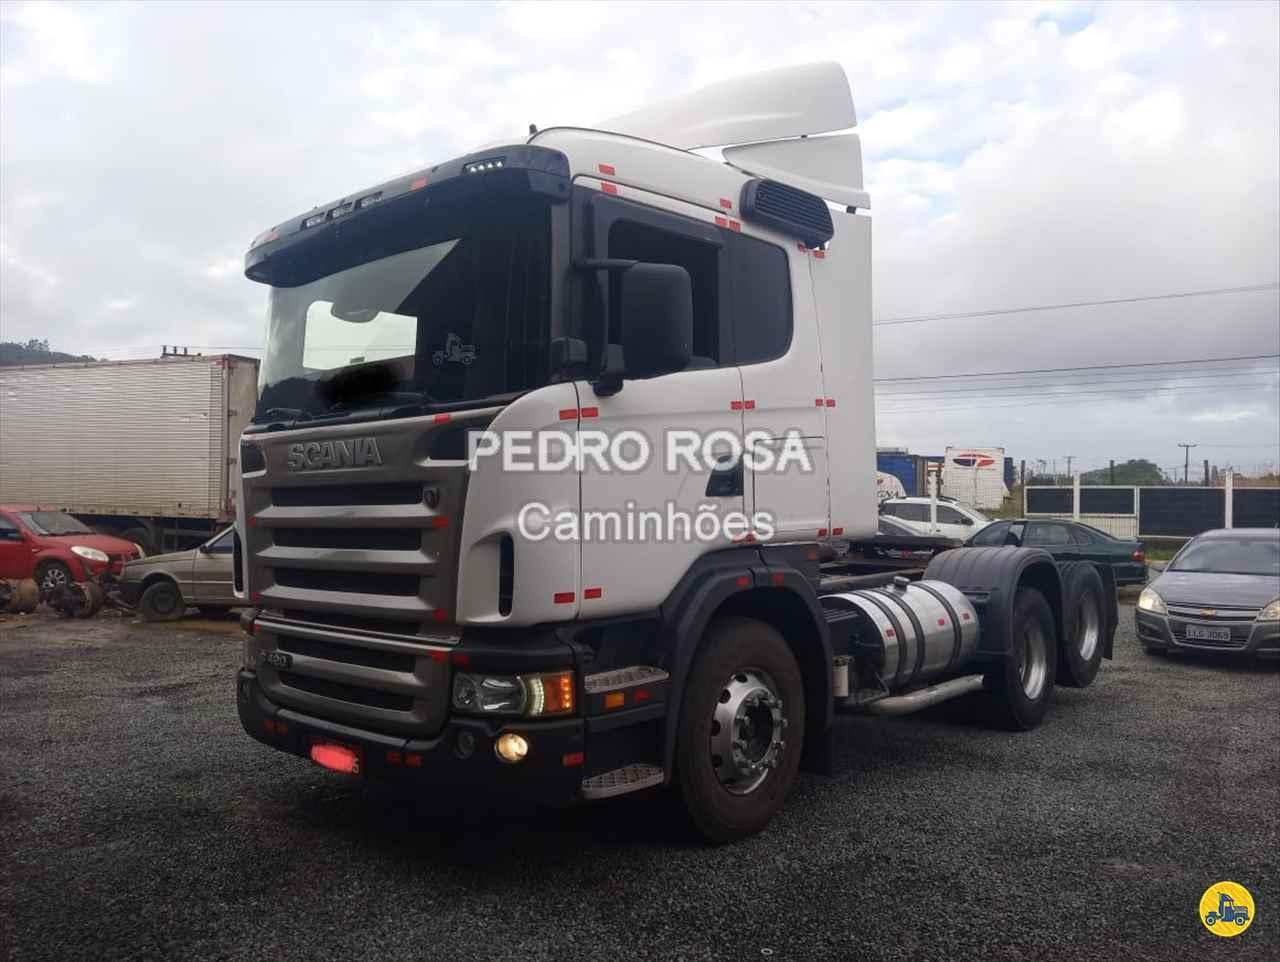 CAMINHAO SCANIA SCANIA 124 420 Cavalo Mecânico Truck 6x2 Pedro Rosa Caminhões PICARRAS SANTA CATARINA SC